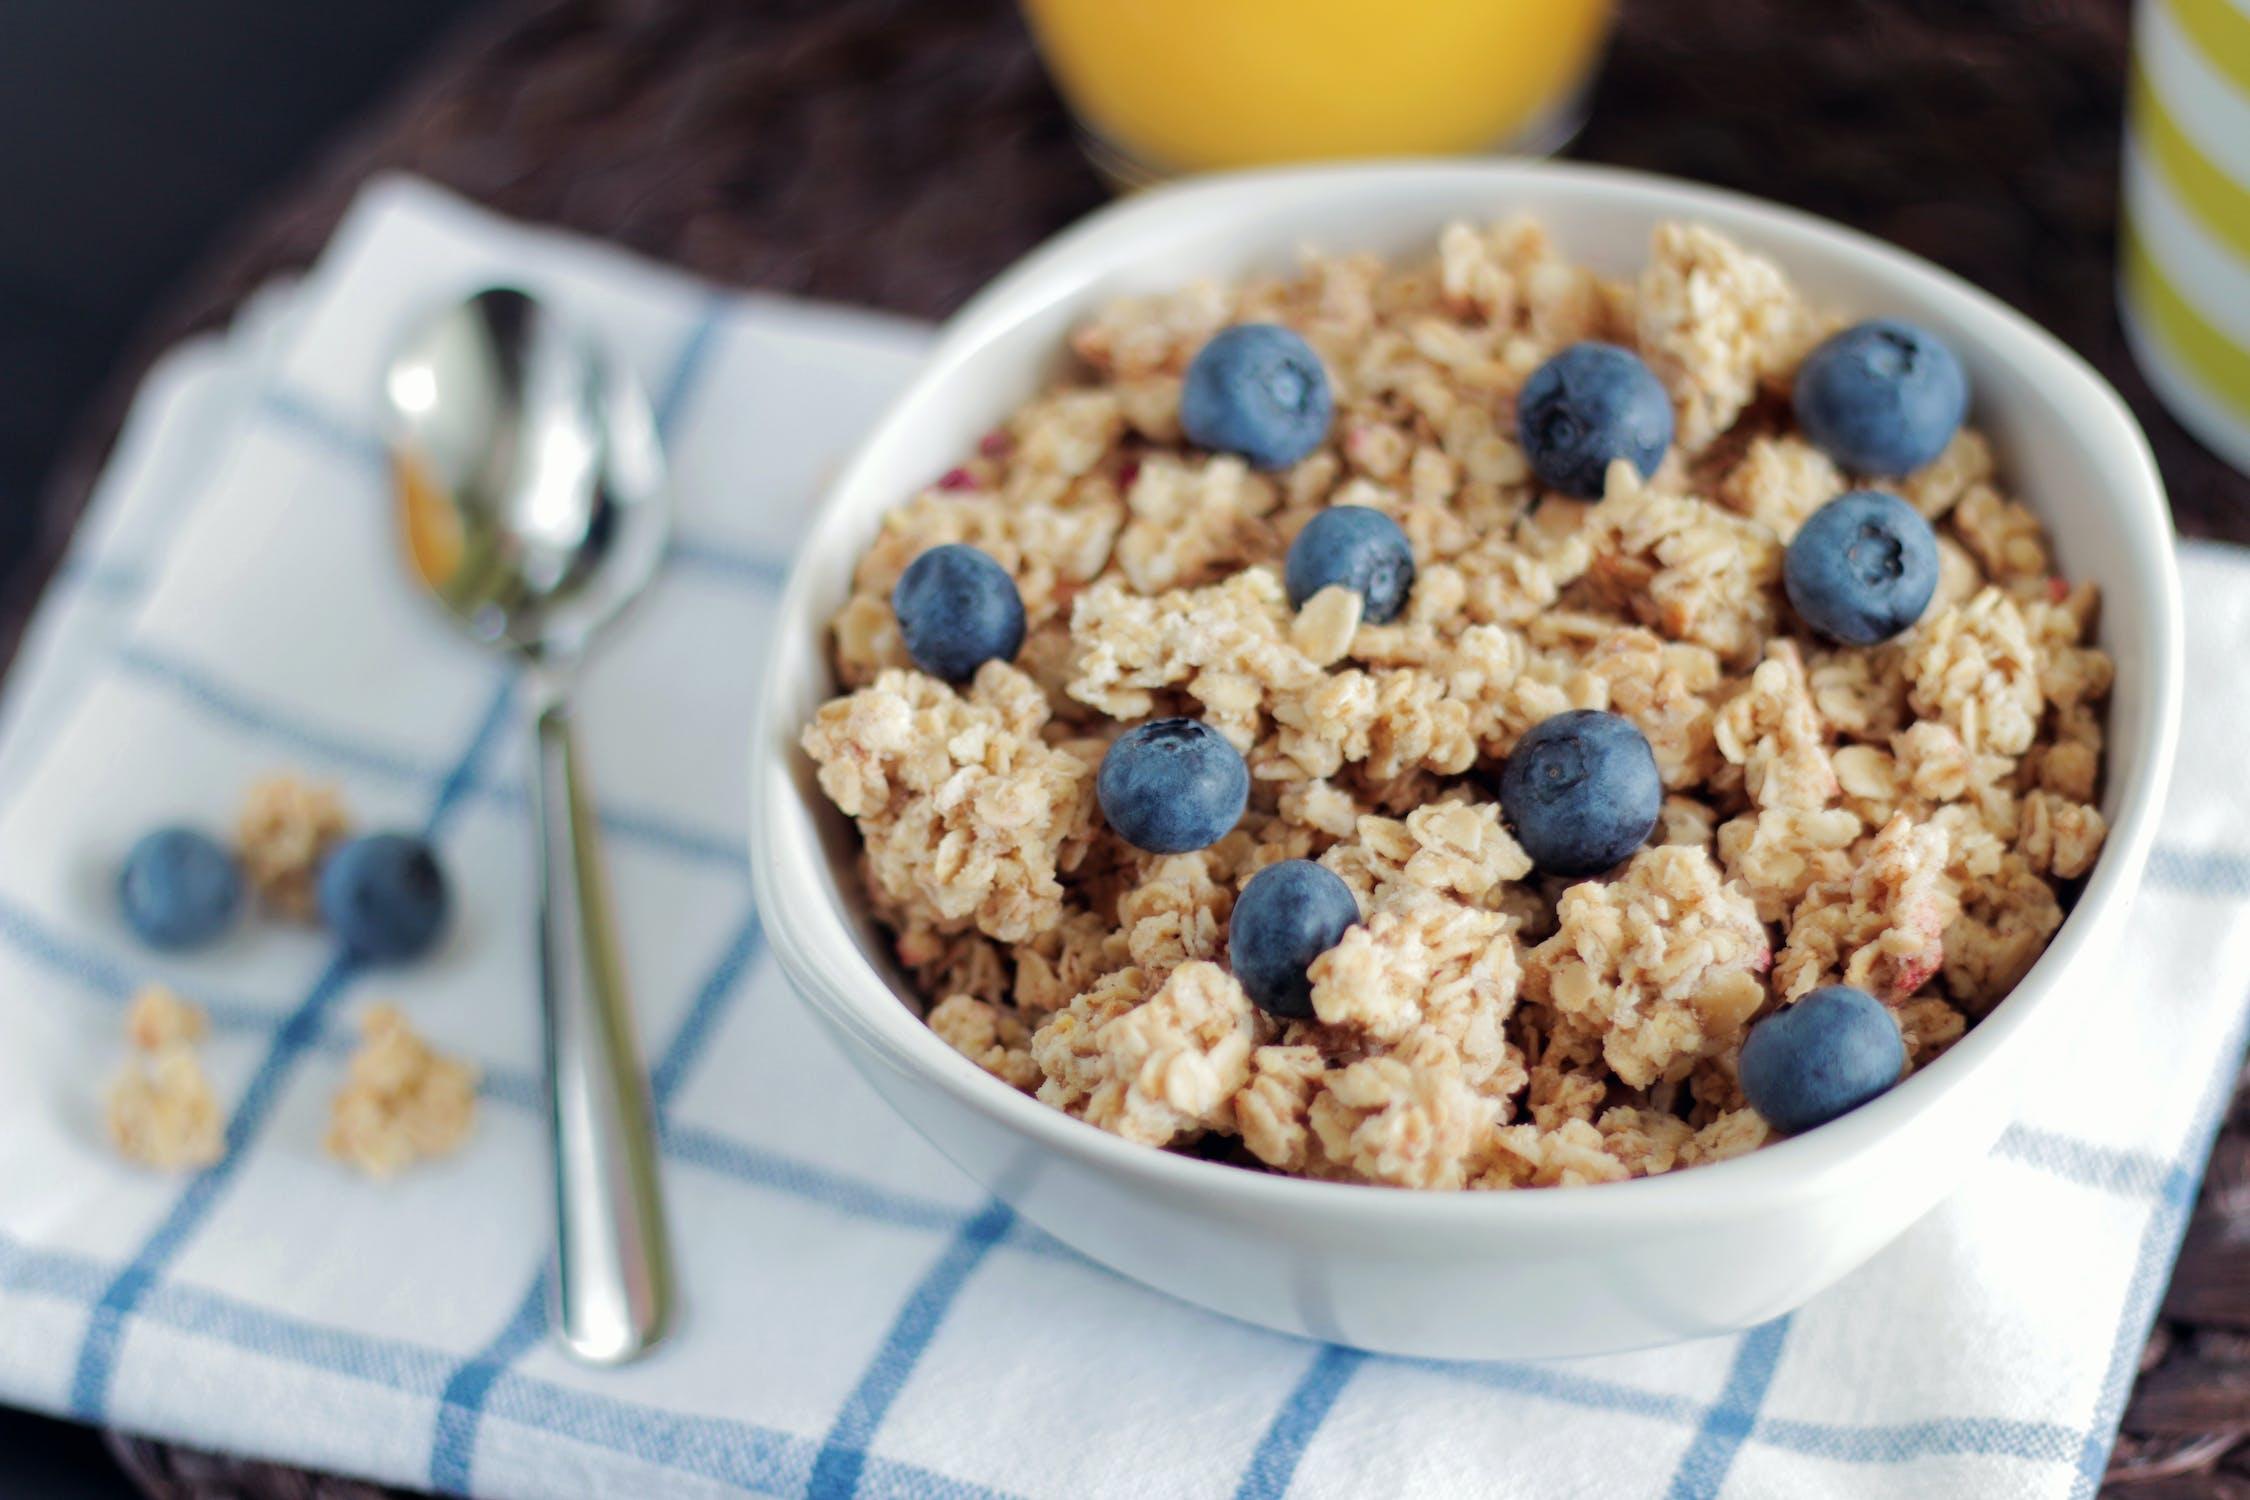 Rutina matutina: Cereal con arándanos